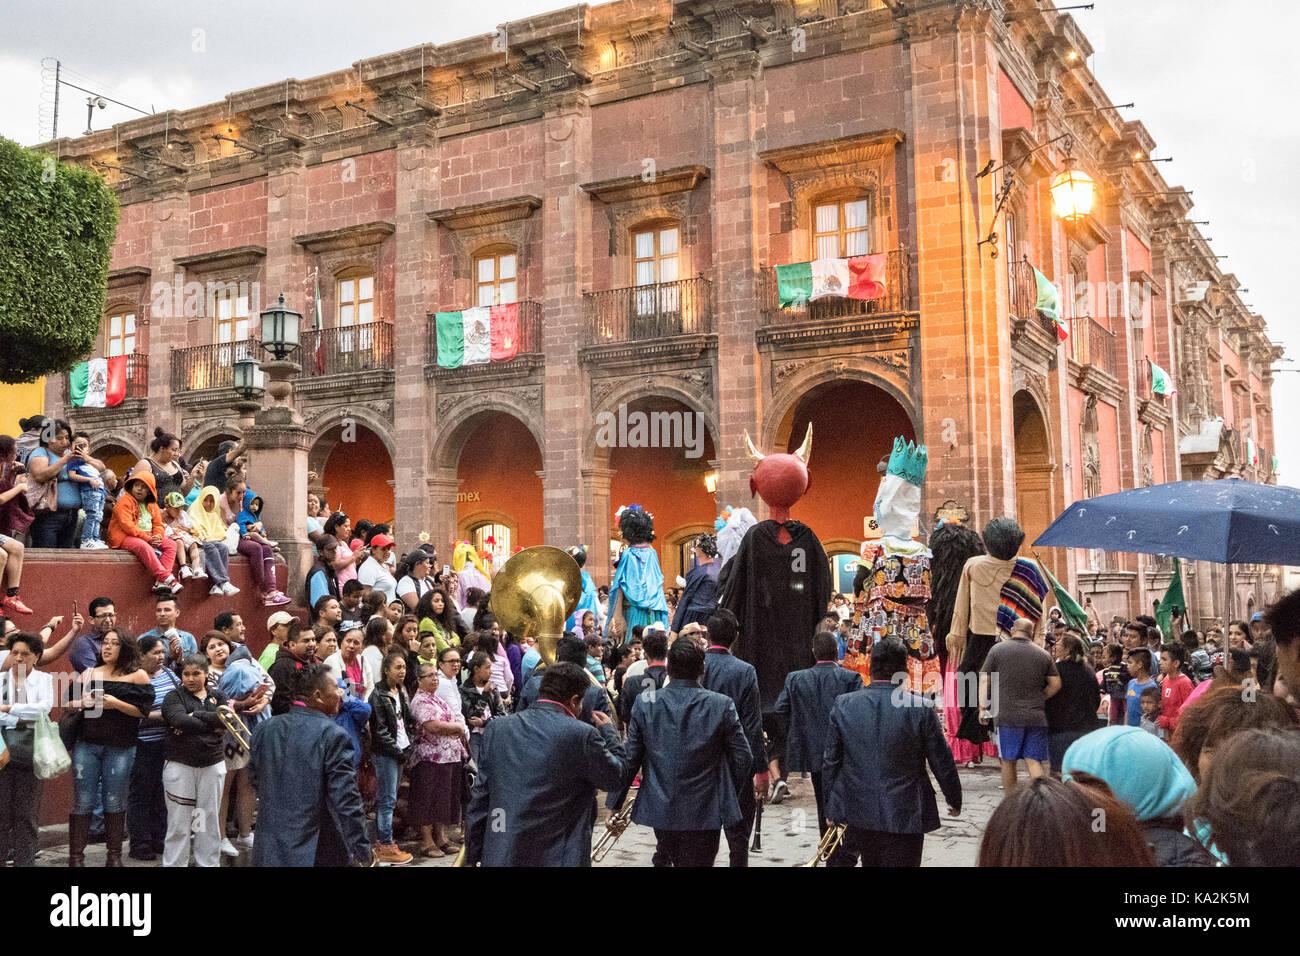 Un Marching Band sigue un desfile de gigantes de papel maché llamados mojigangas títeres en una procesión por la ciudad al comienzo de la semana de la fiesta de la patrona de San Miguel el 22 de septiembre de 2017 en San Miguel de Allende, México. Foto de stock